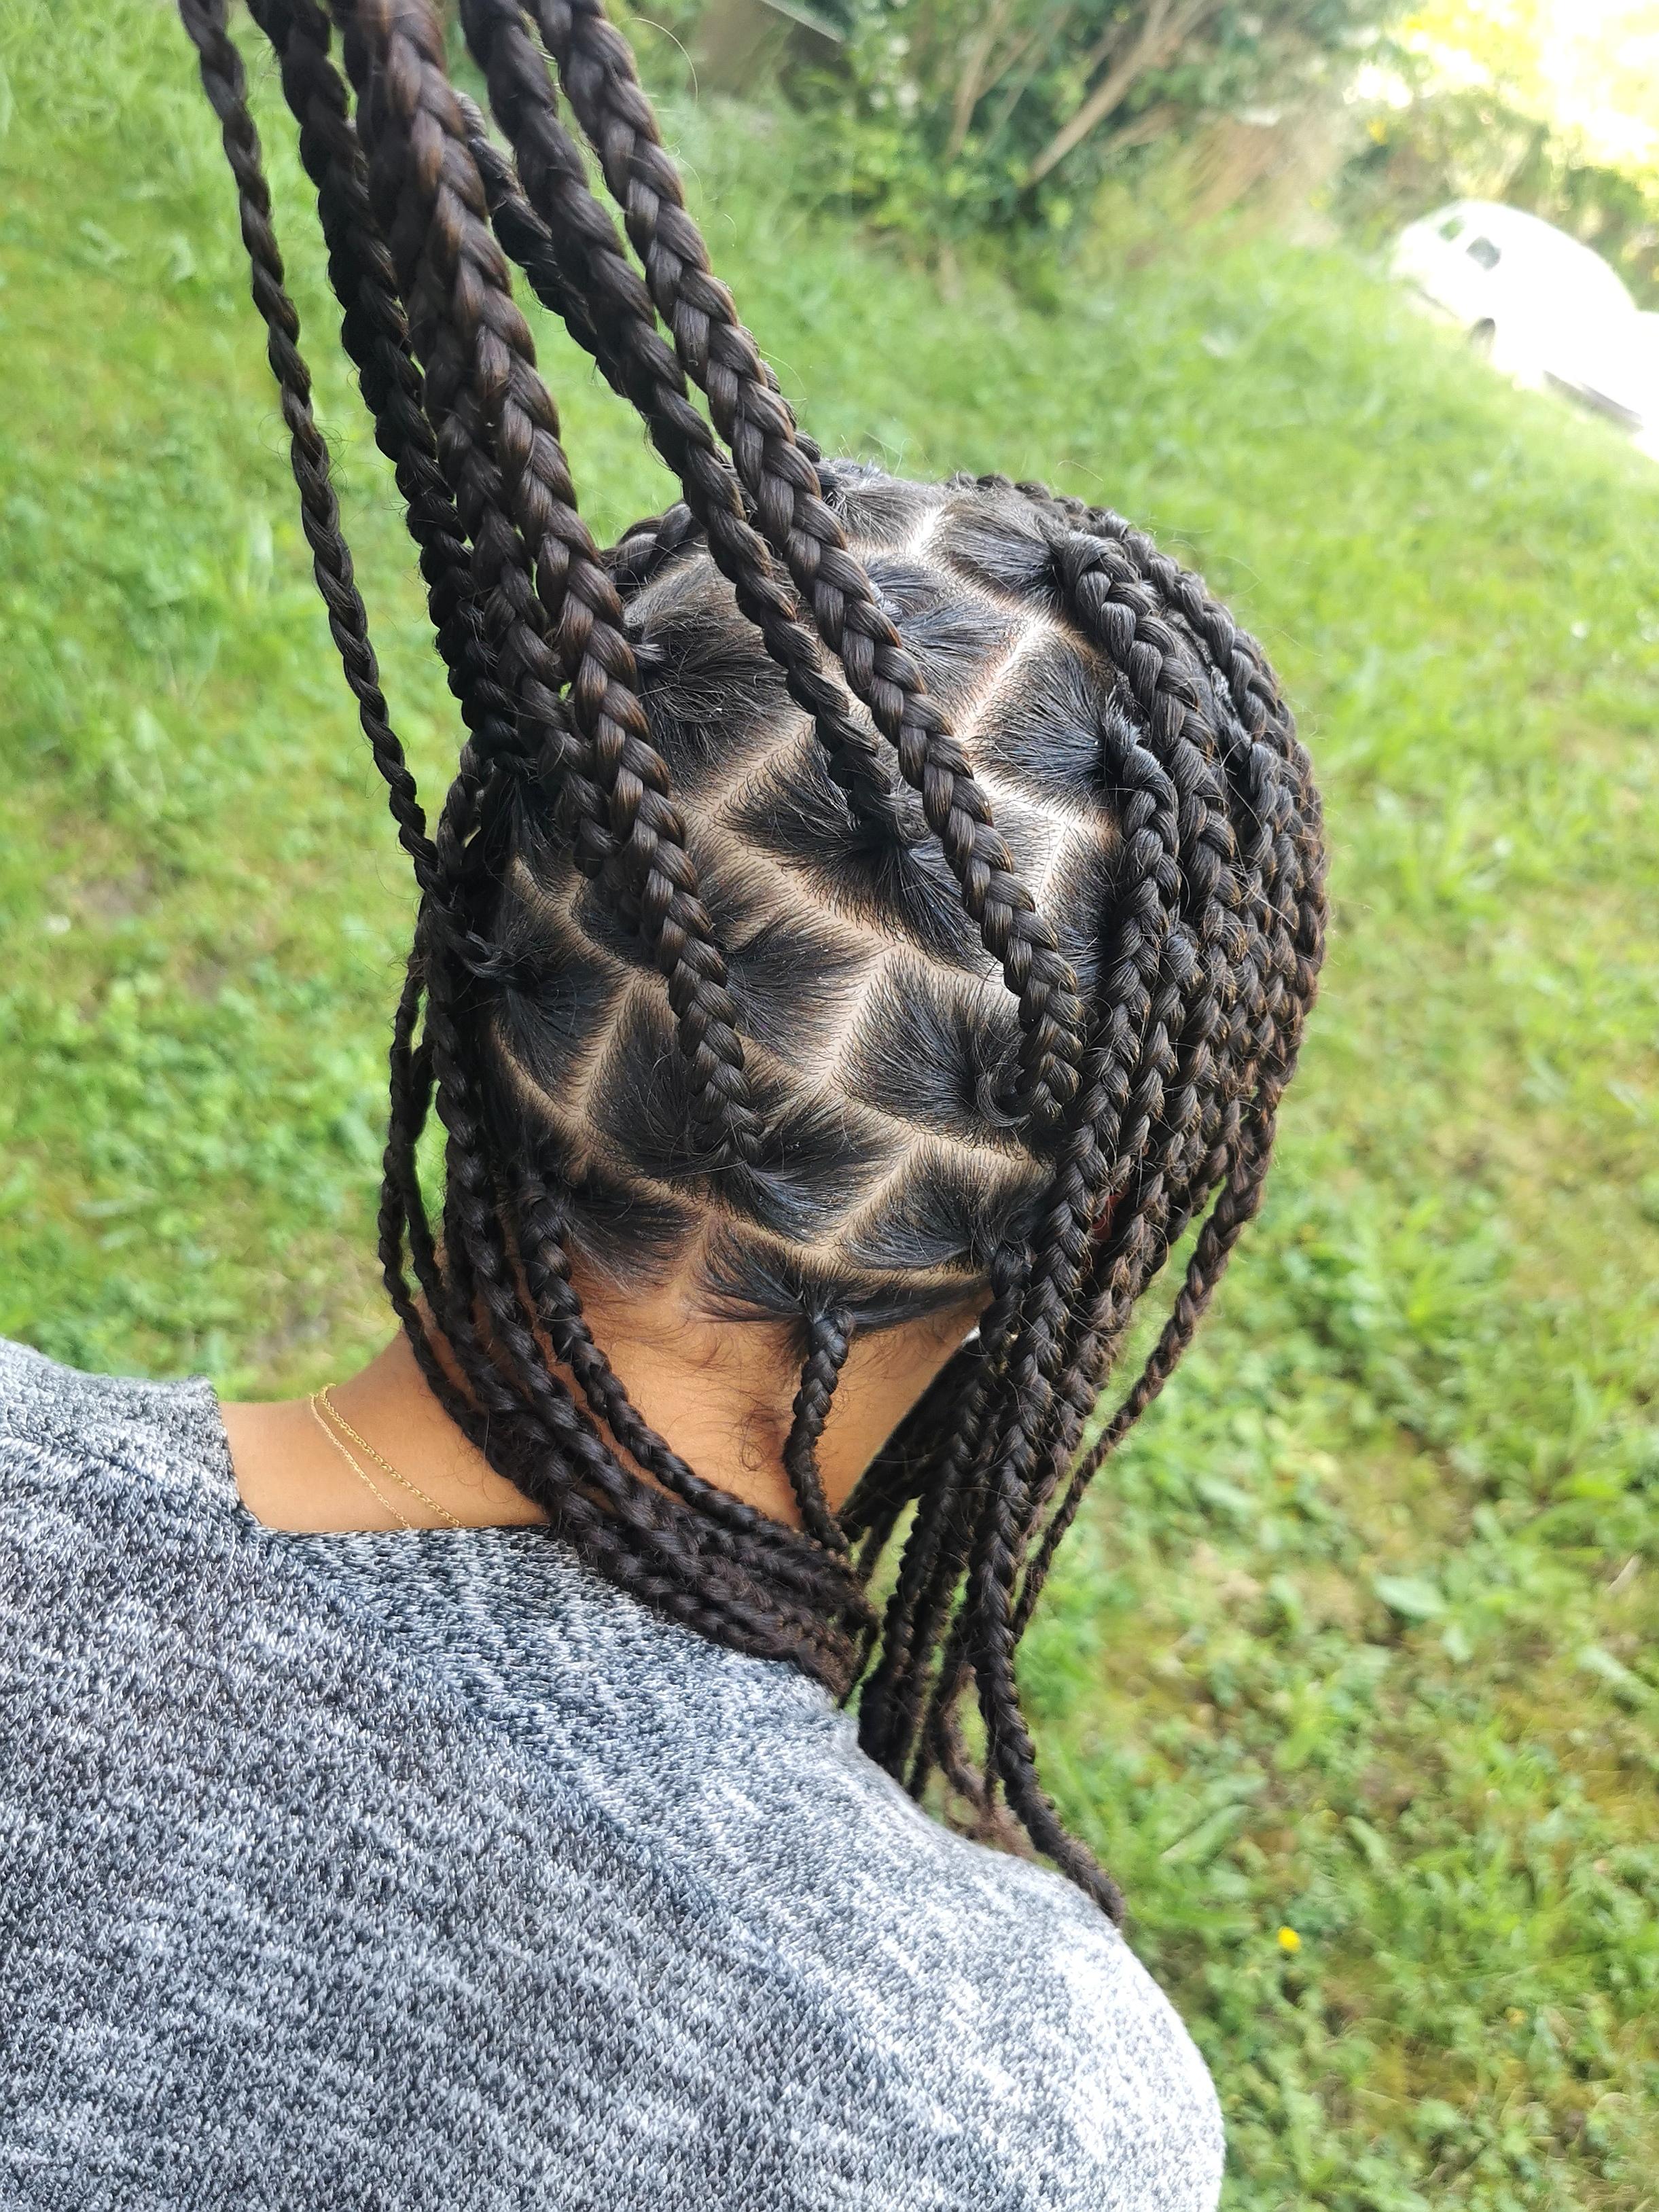 salon de coiffure afro tresse tresses box braids crochet braids vanilles tissages paris 75 77 78 91 92 93 94 95 CFQVZJFK